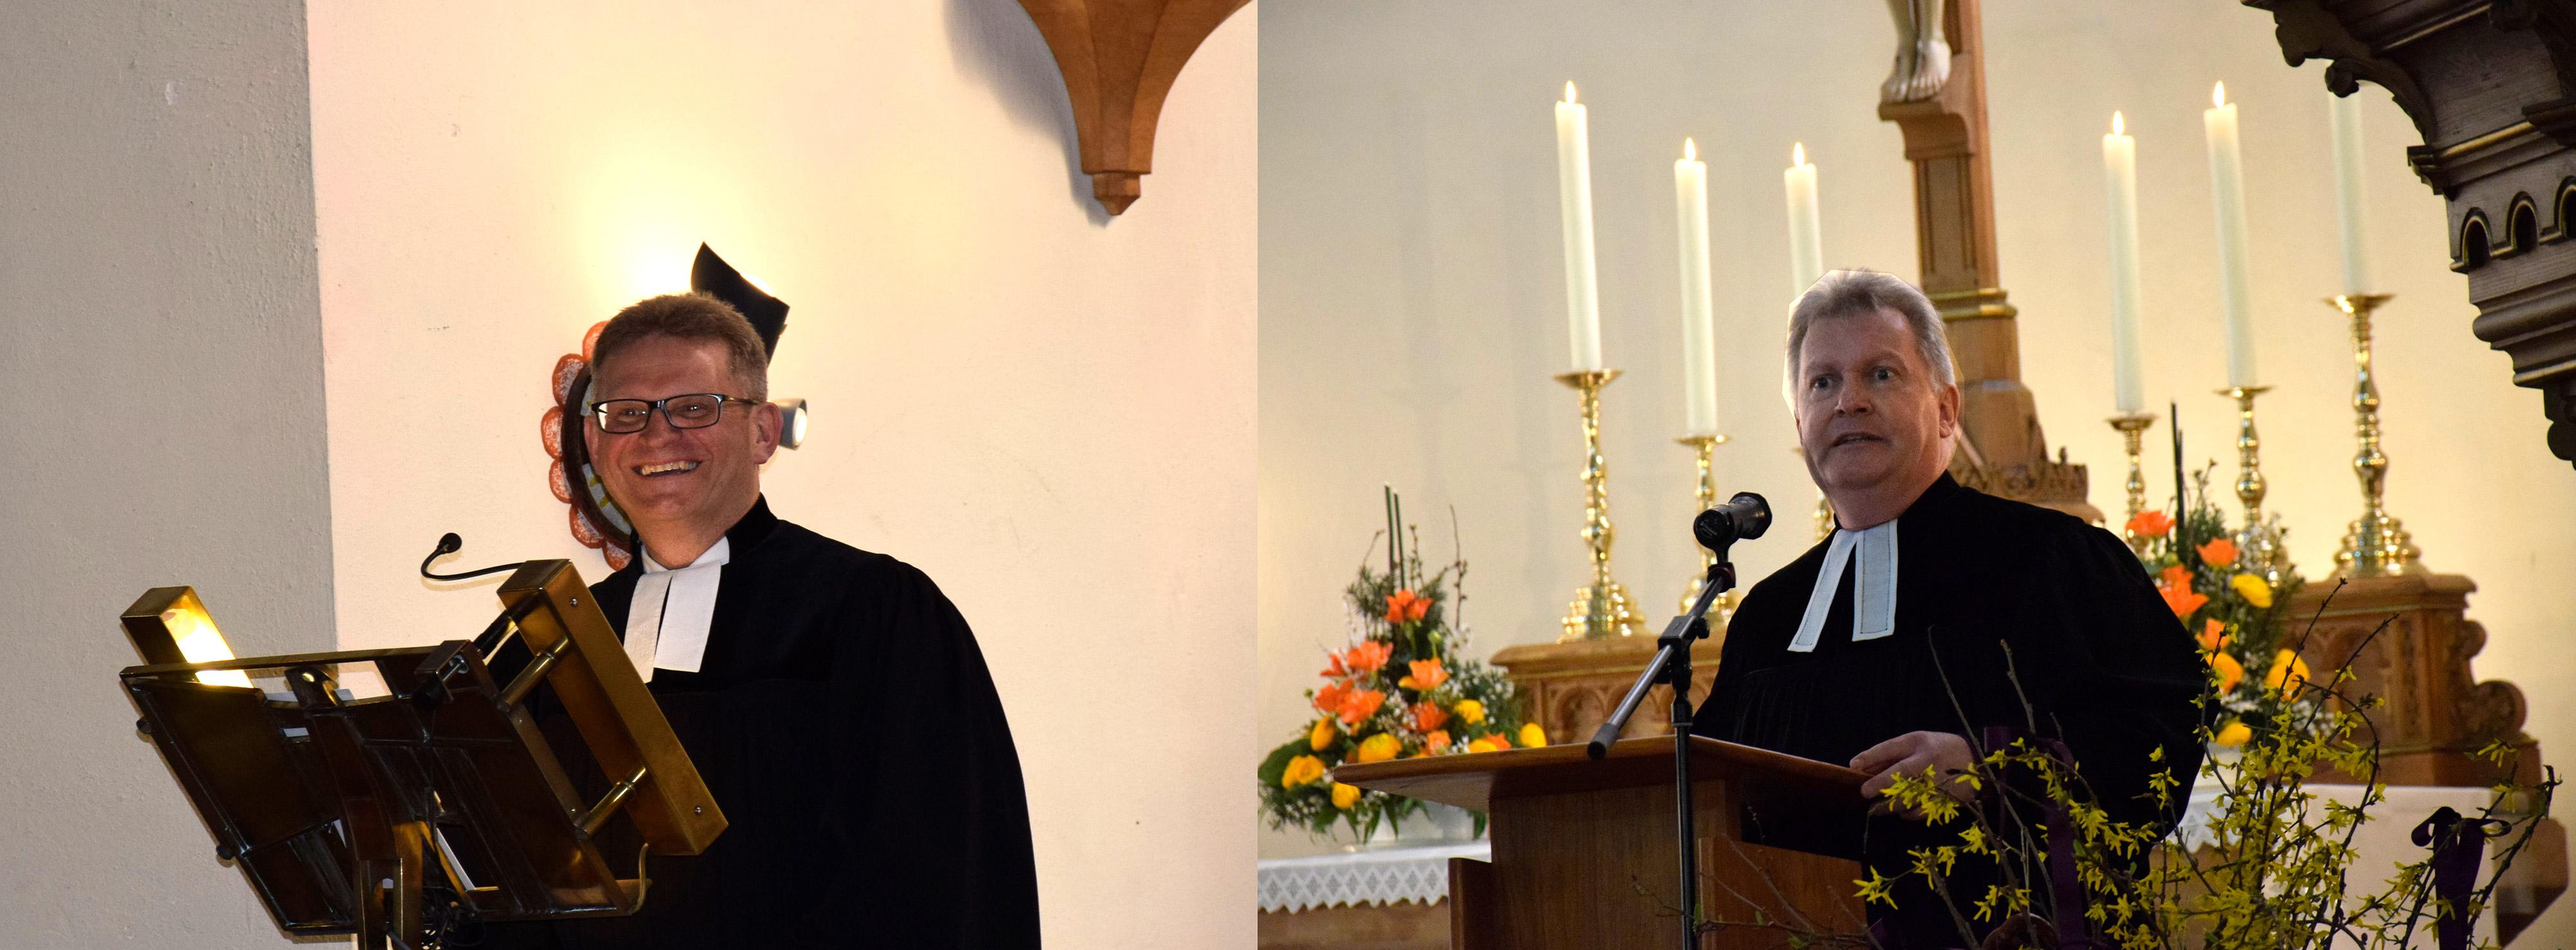 Thomas Paulsteiner und Arnim Doerfer wurden im Gottesdienst am 7. April in der Nikolai-Kirche in Neuendettelsau in ihre Ämter eingeführt.